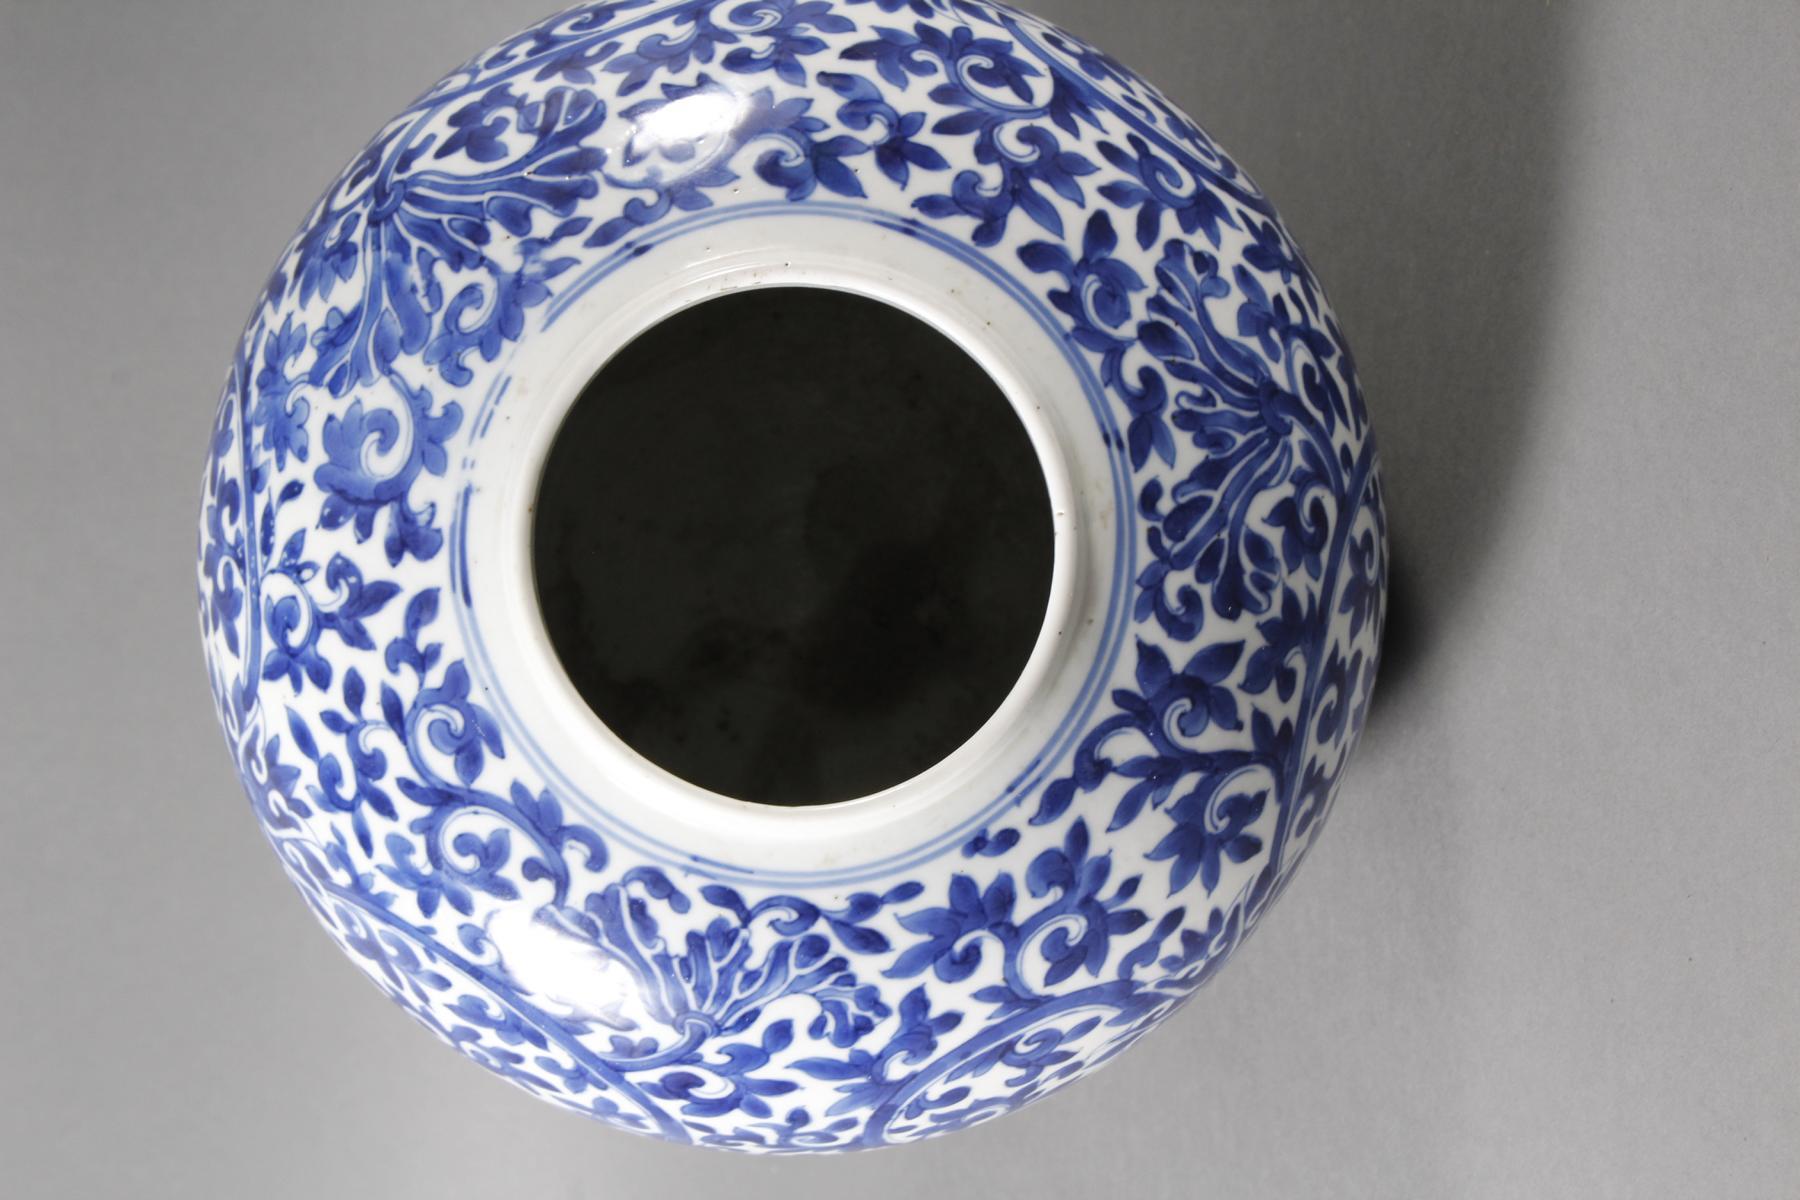 Blau-weiß Vase mit Deckel, Porzellan, China, Kang-hsi (1662-1722) Marke und Periode-7